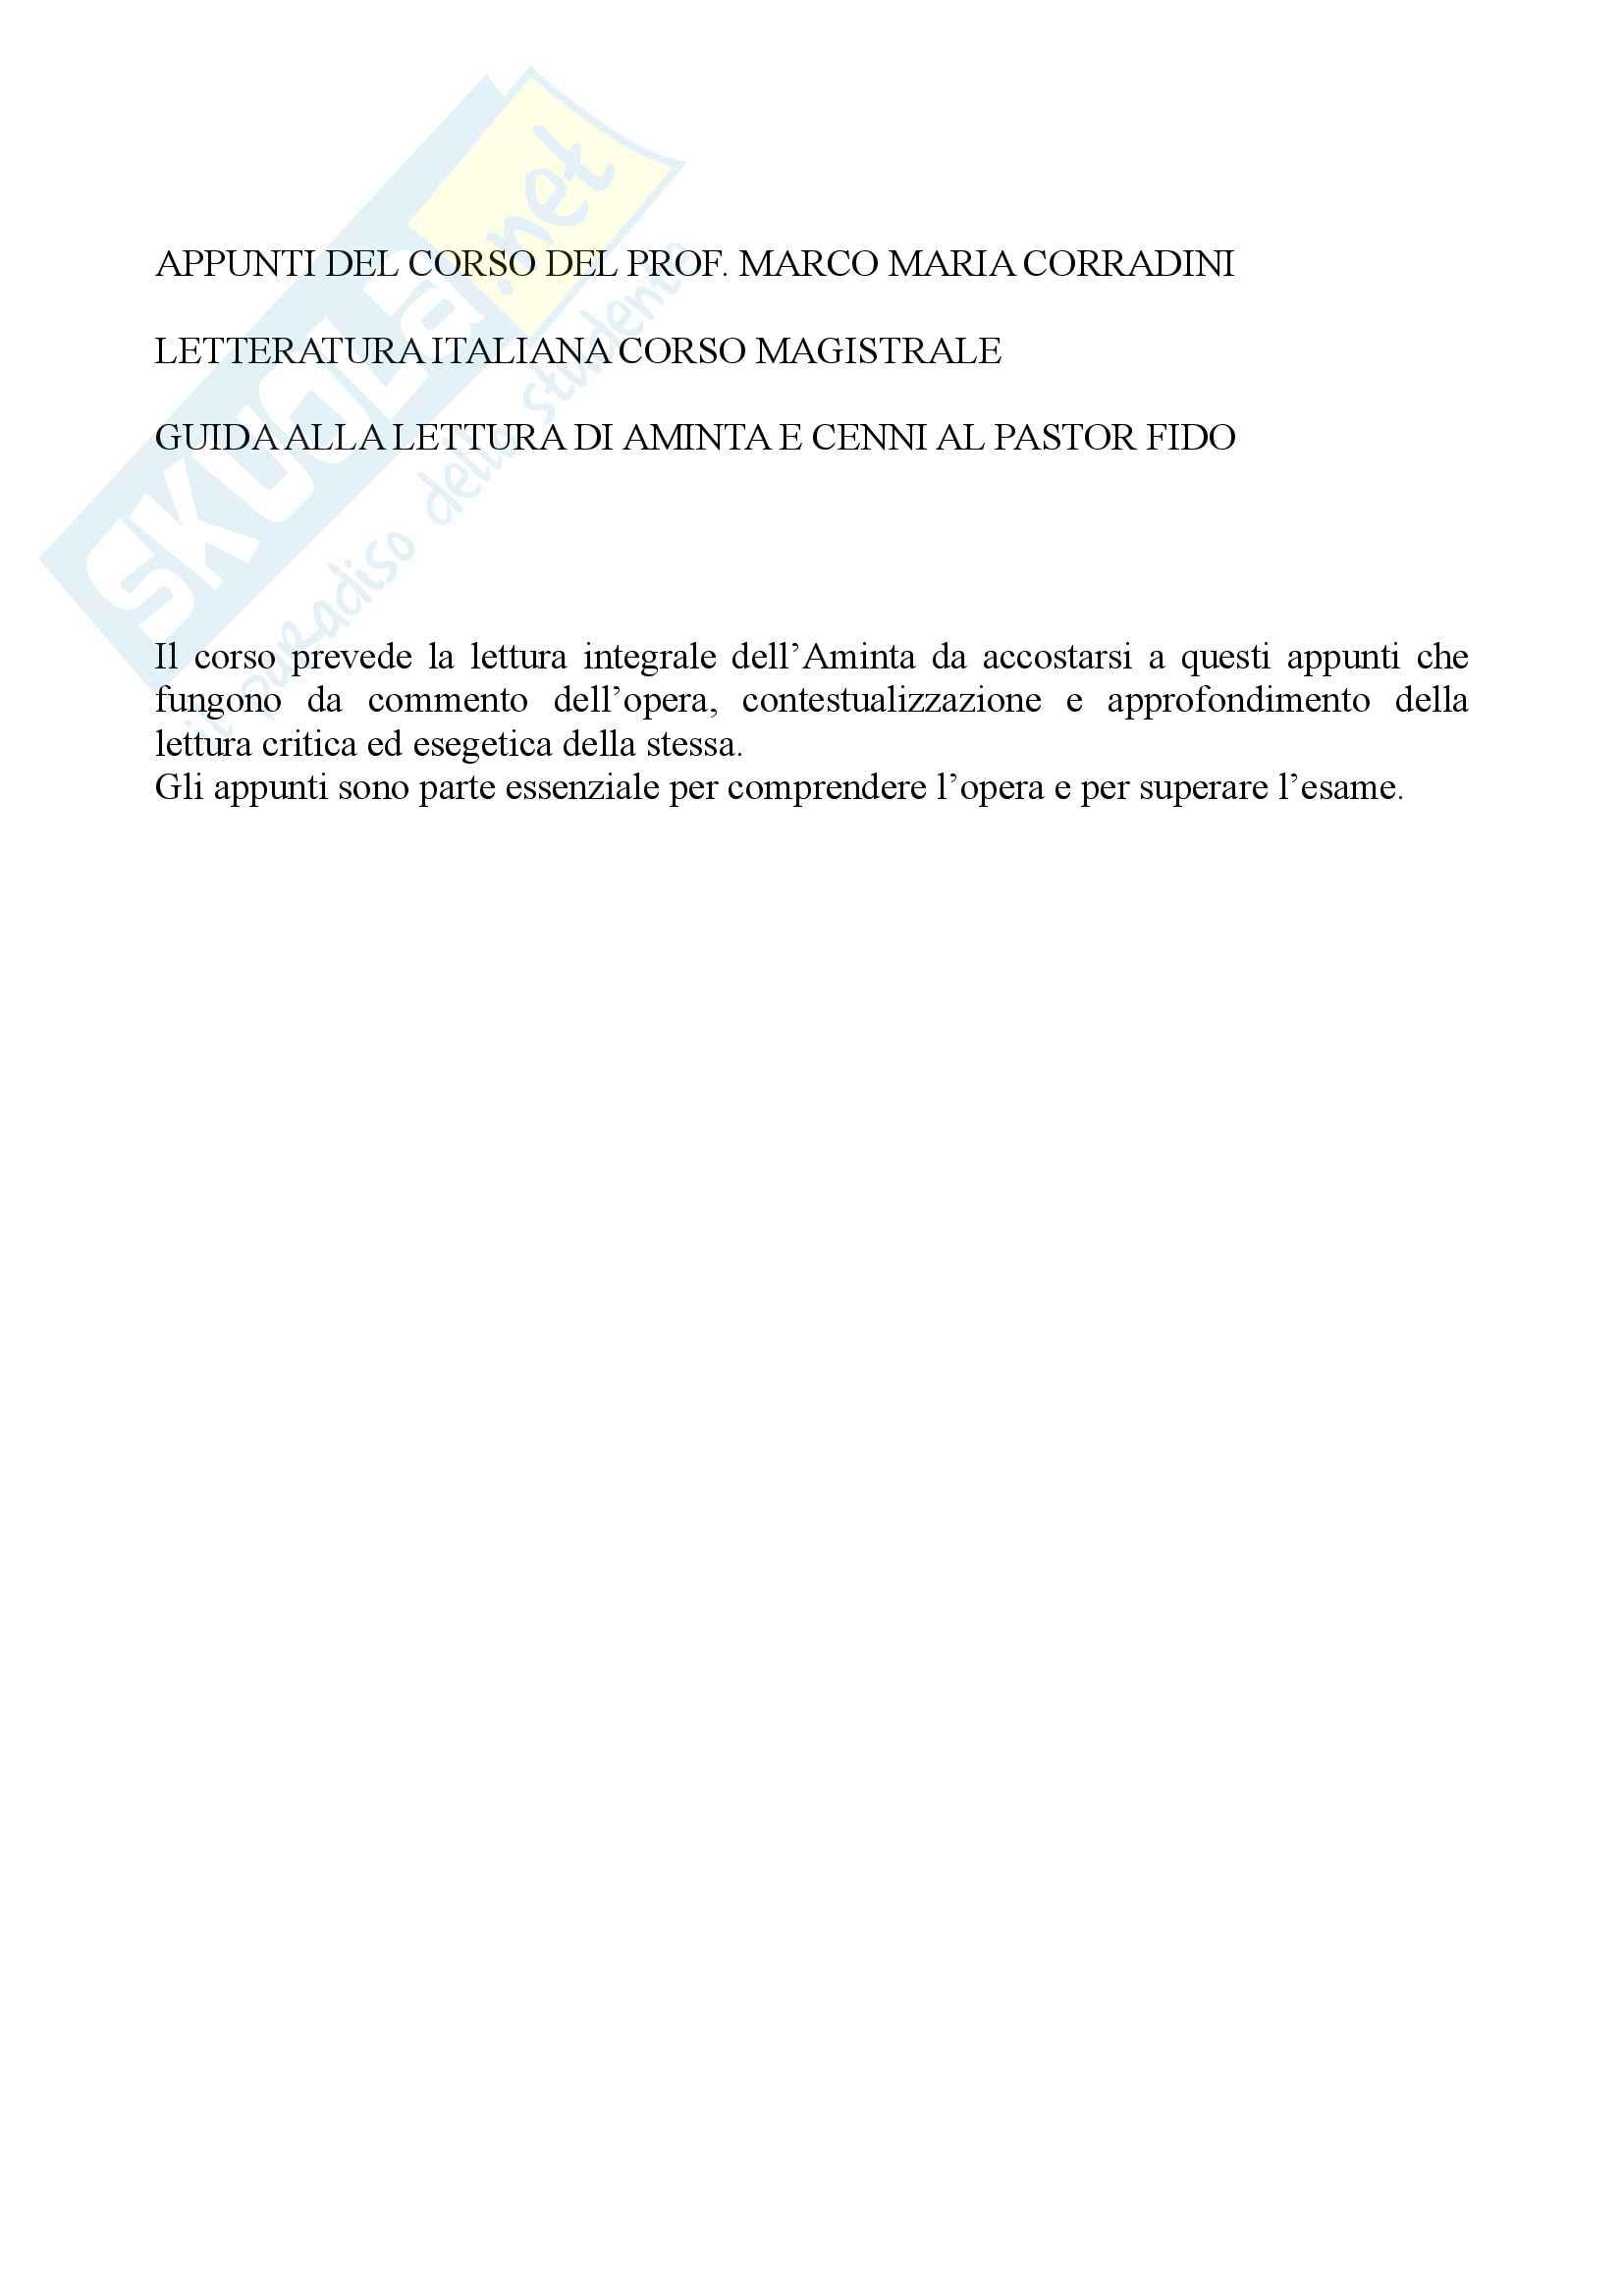 appunto M. Corradini Letteratura italiana